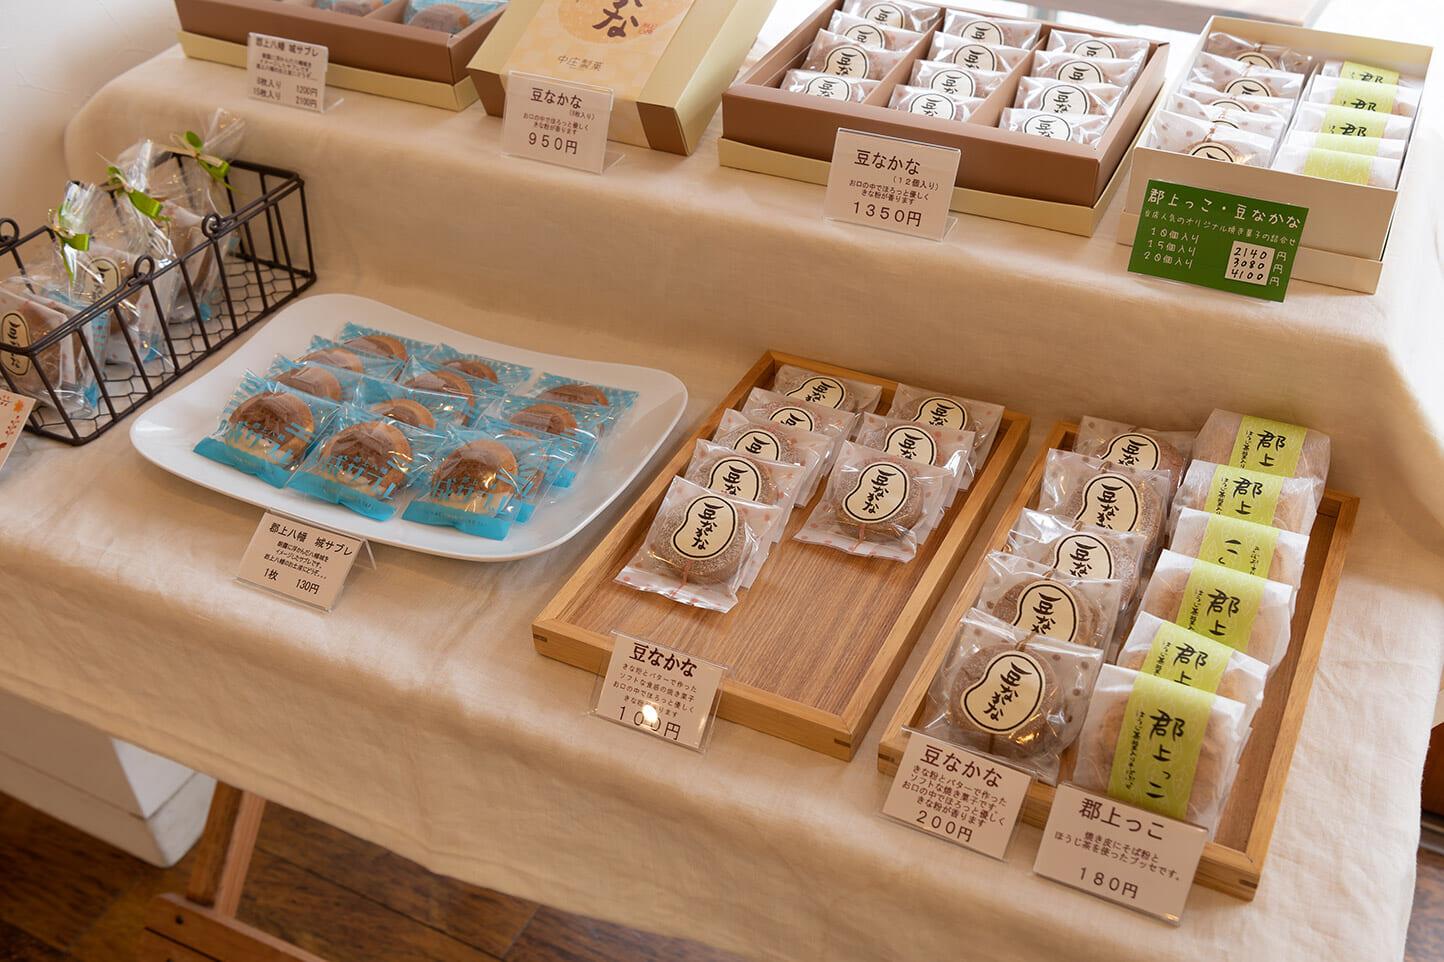 中庄製菓 スライダー画像3